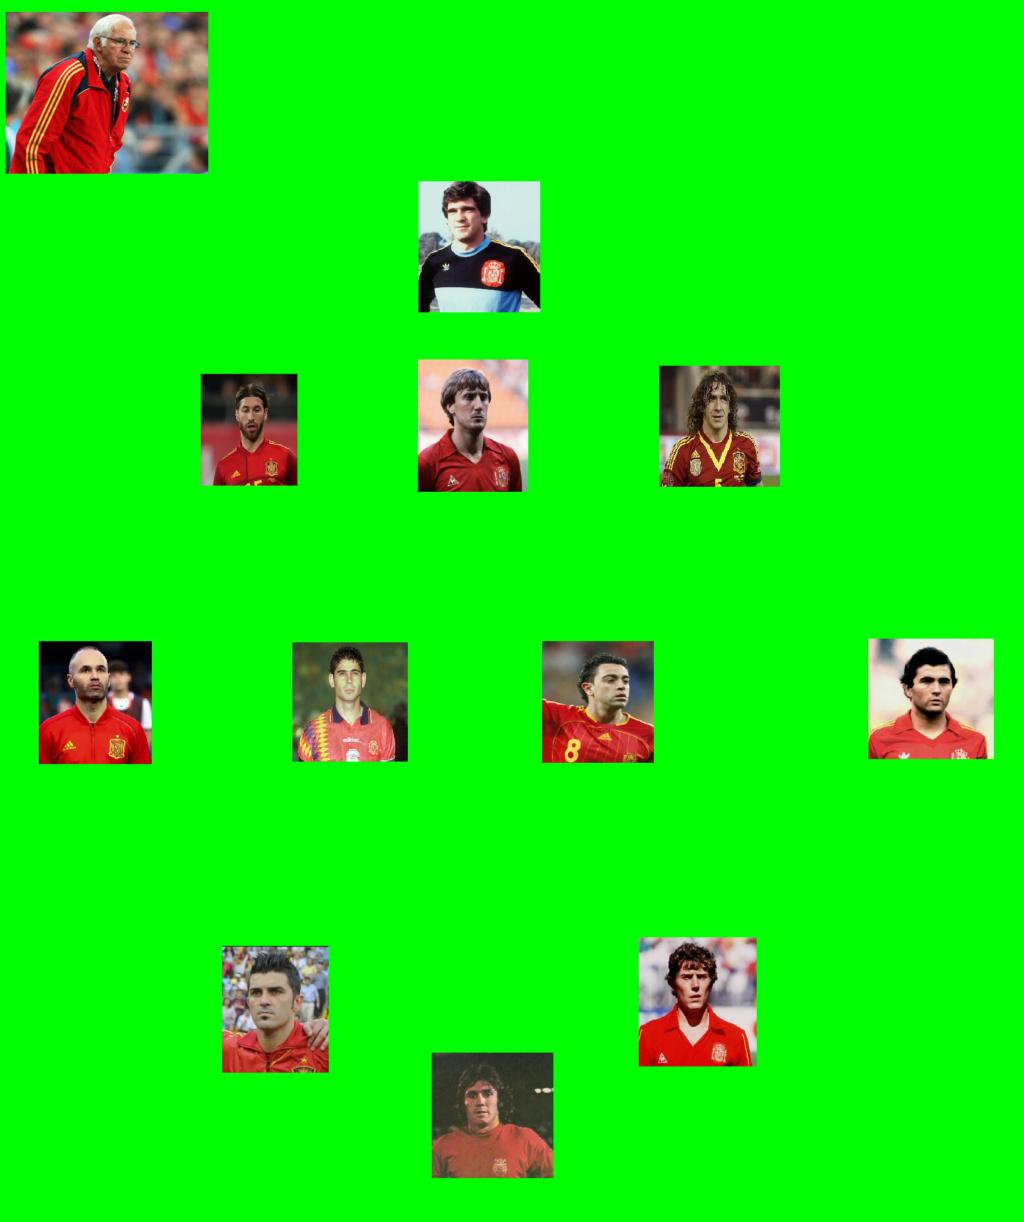 El Once ideal de futbolistas españoles en el chiringuito Popuhead. Selecc10